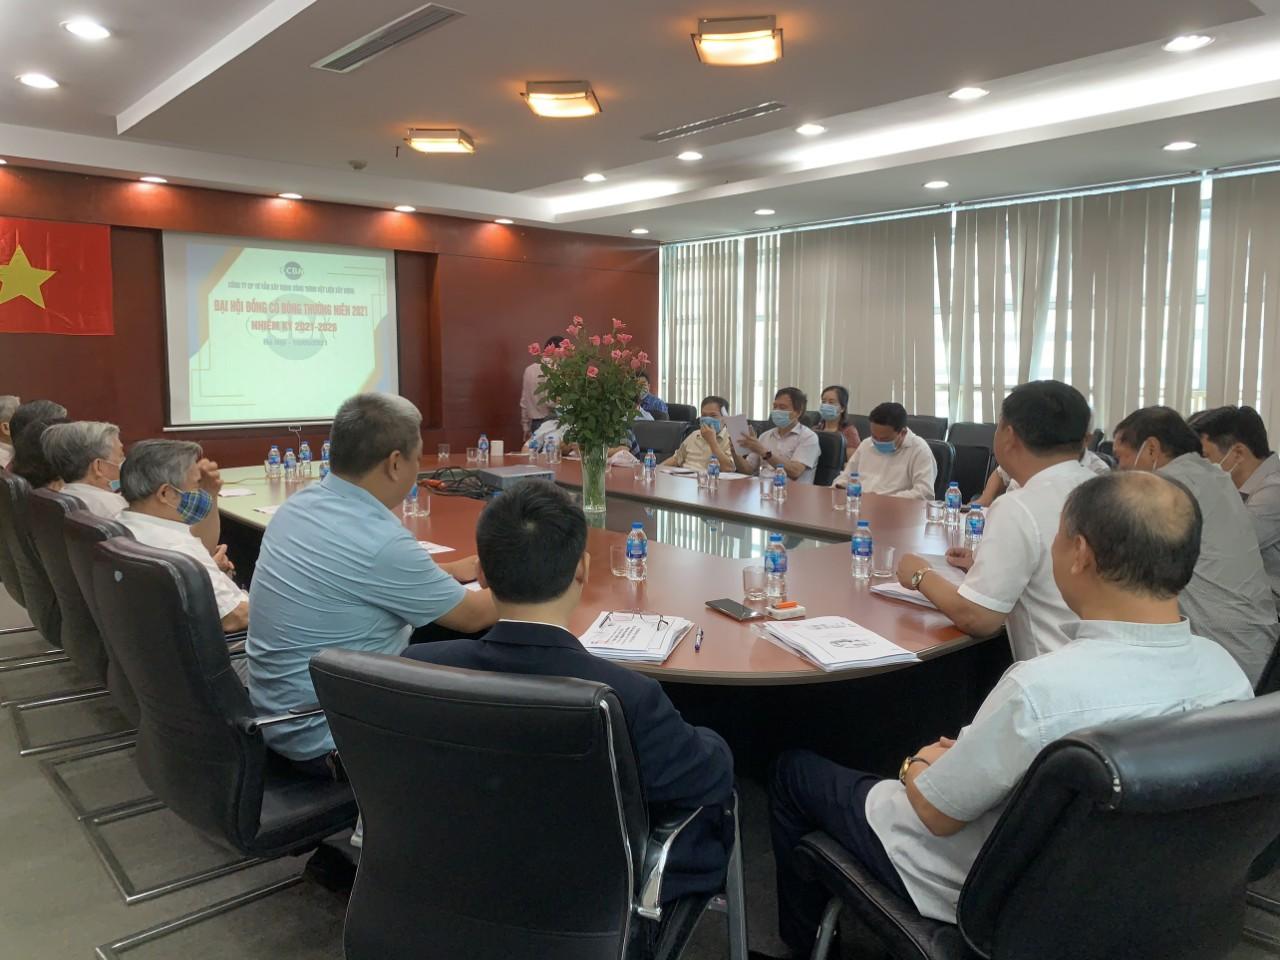 CCBM tổ chức Đại hội đồng cổ đông thường niên năm 2021 và giai đoạn 2021 - 2026